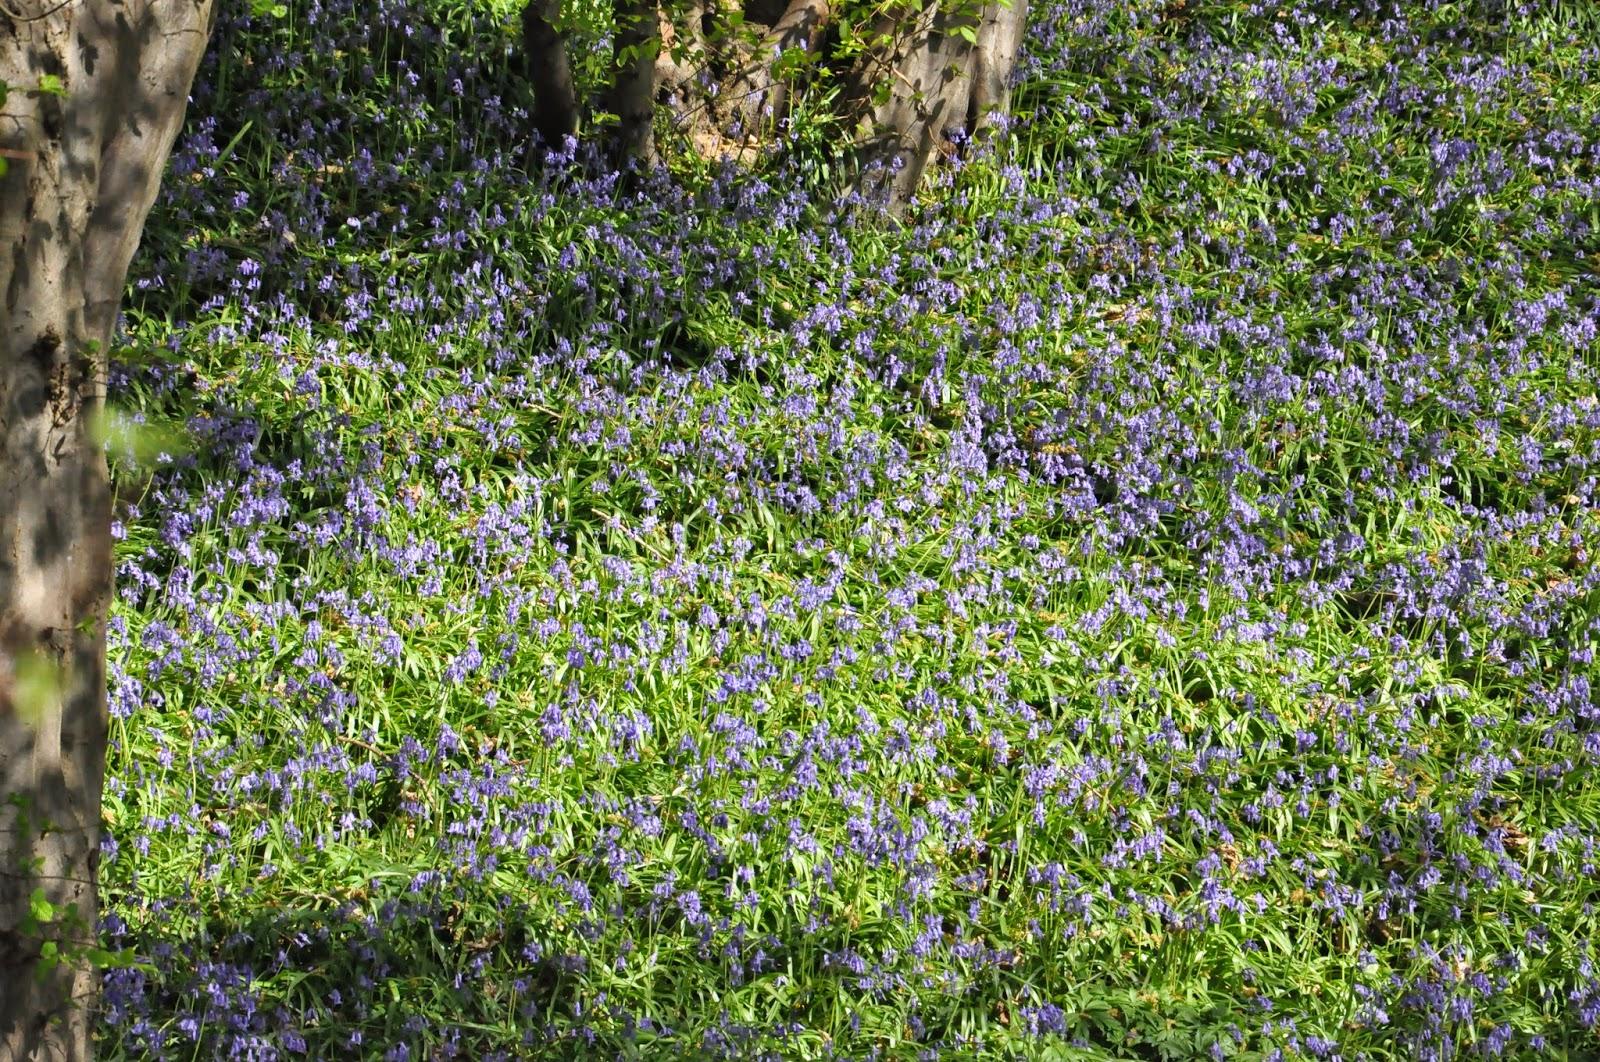 Forêt bleue, Abbaye d'Aulne, Hainaut, Belgique, une balade à découvrir sur www.sandrdulier.com